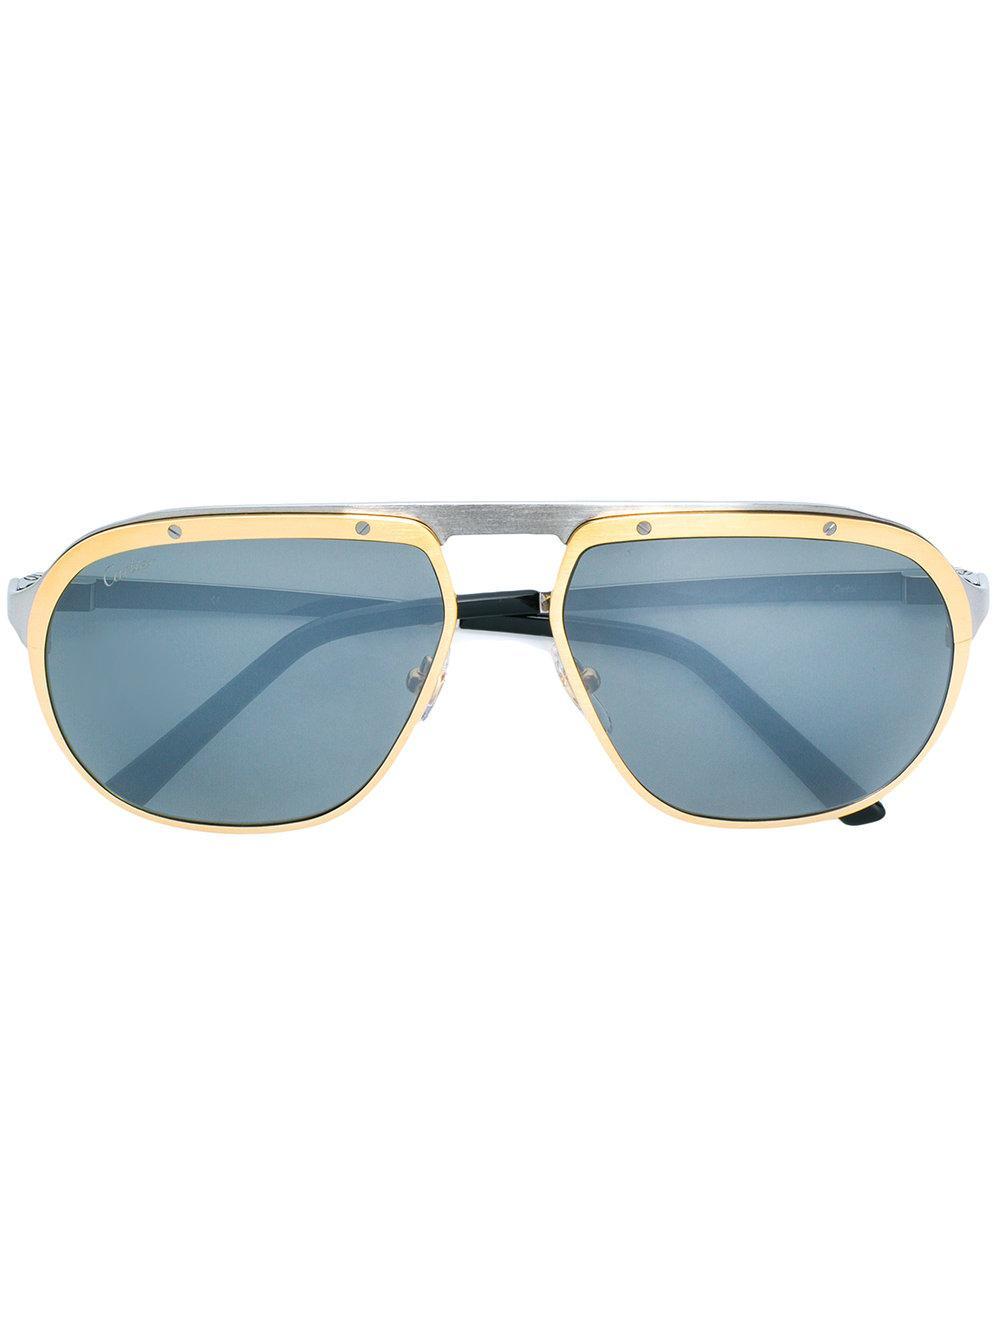 2dcbde31a47 Cartier Santos De Sunglasses - Metallic